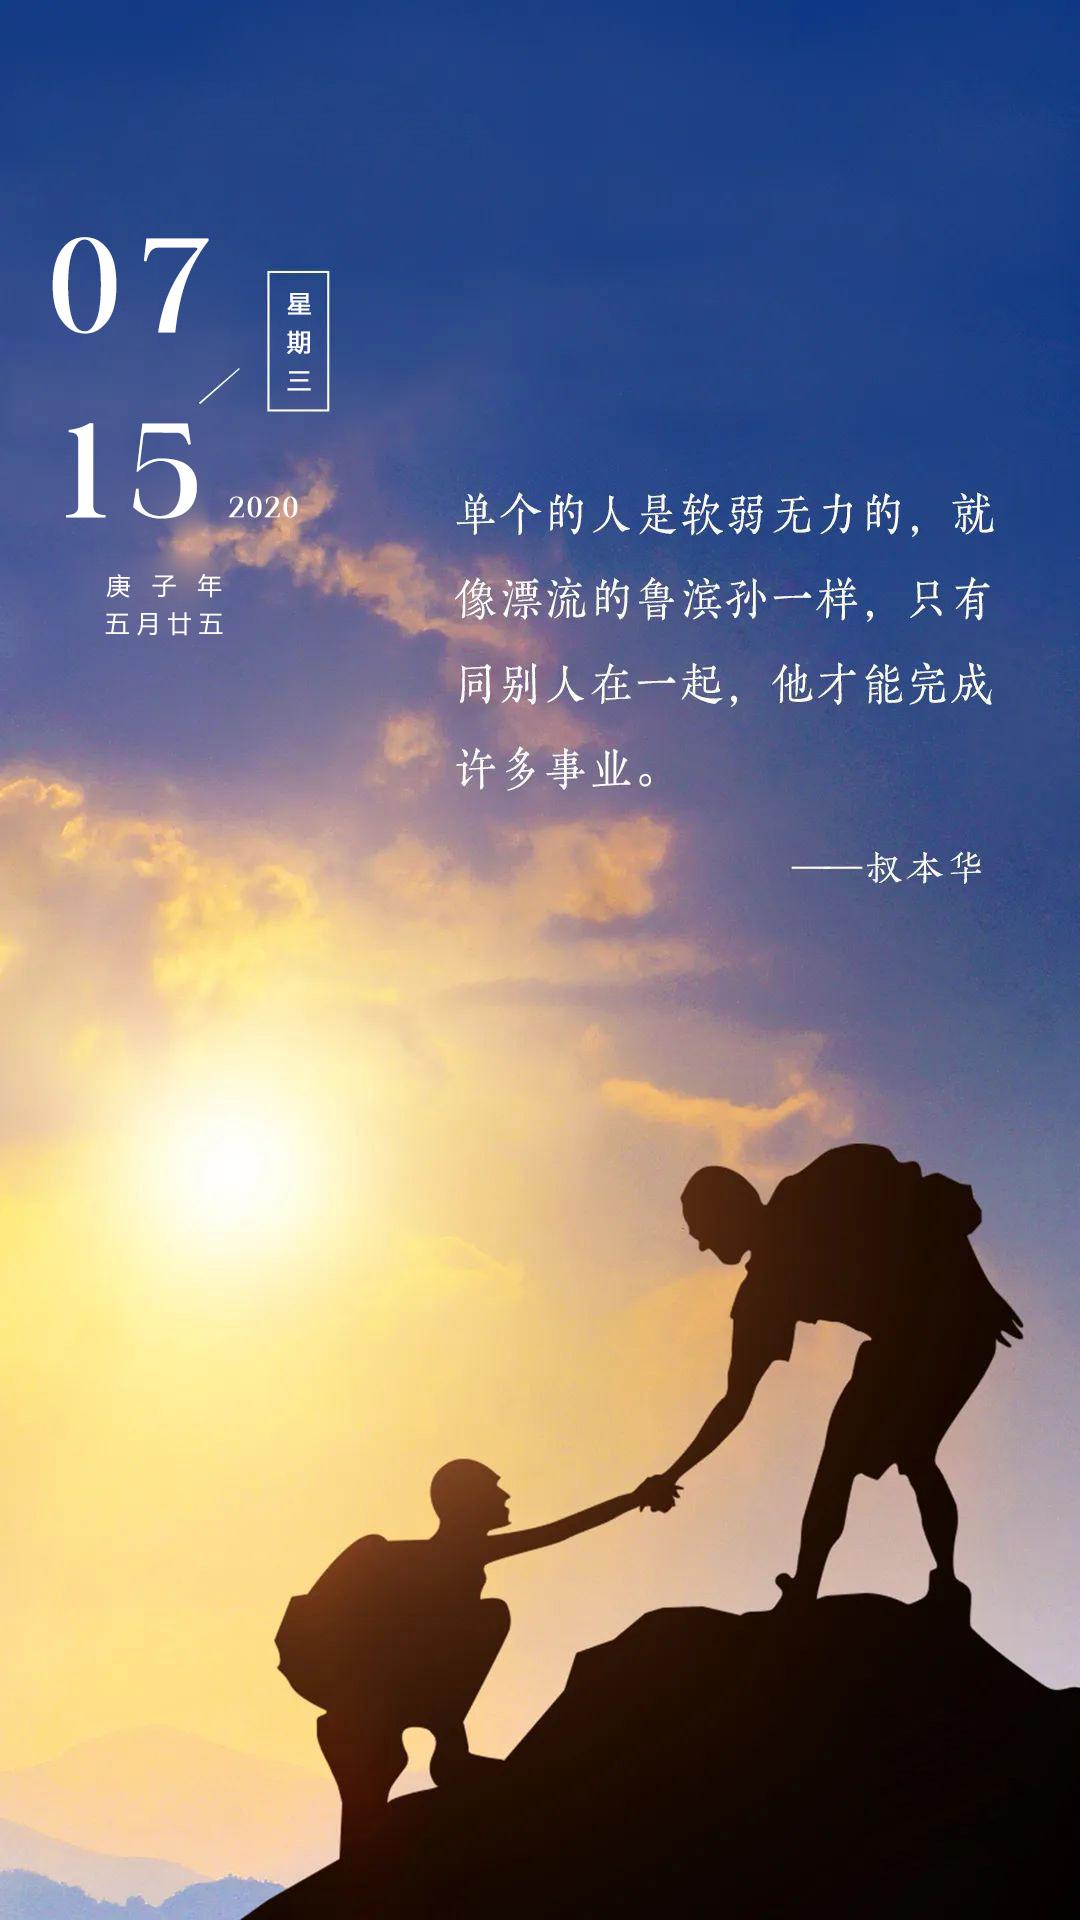 早安星期三图片日签励志阳光加字:努力扎根发芽,拼命生长